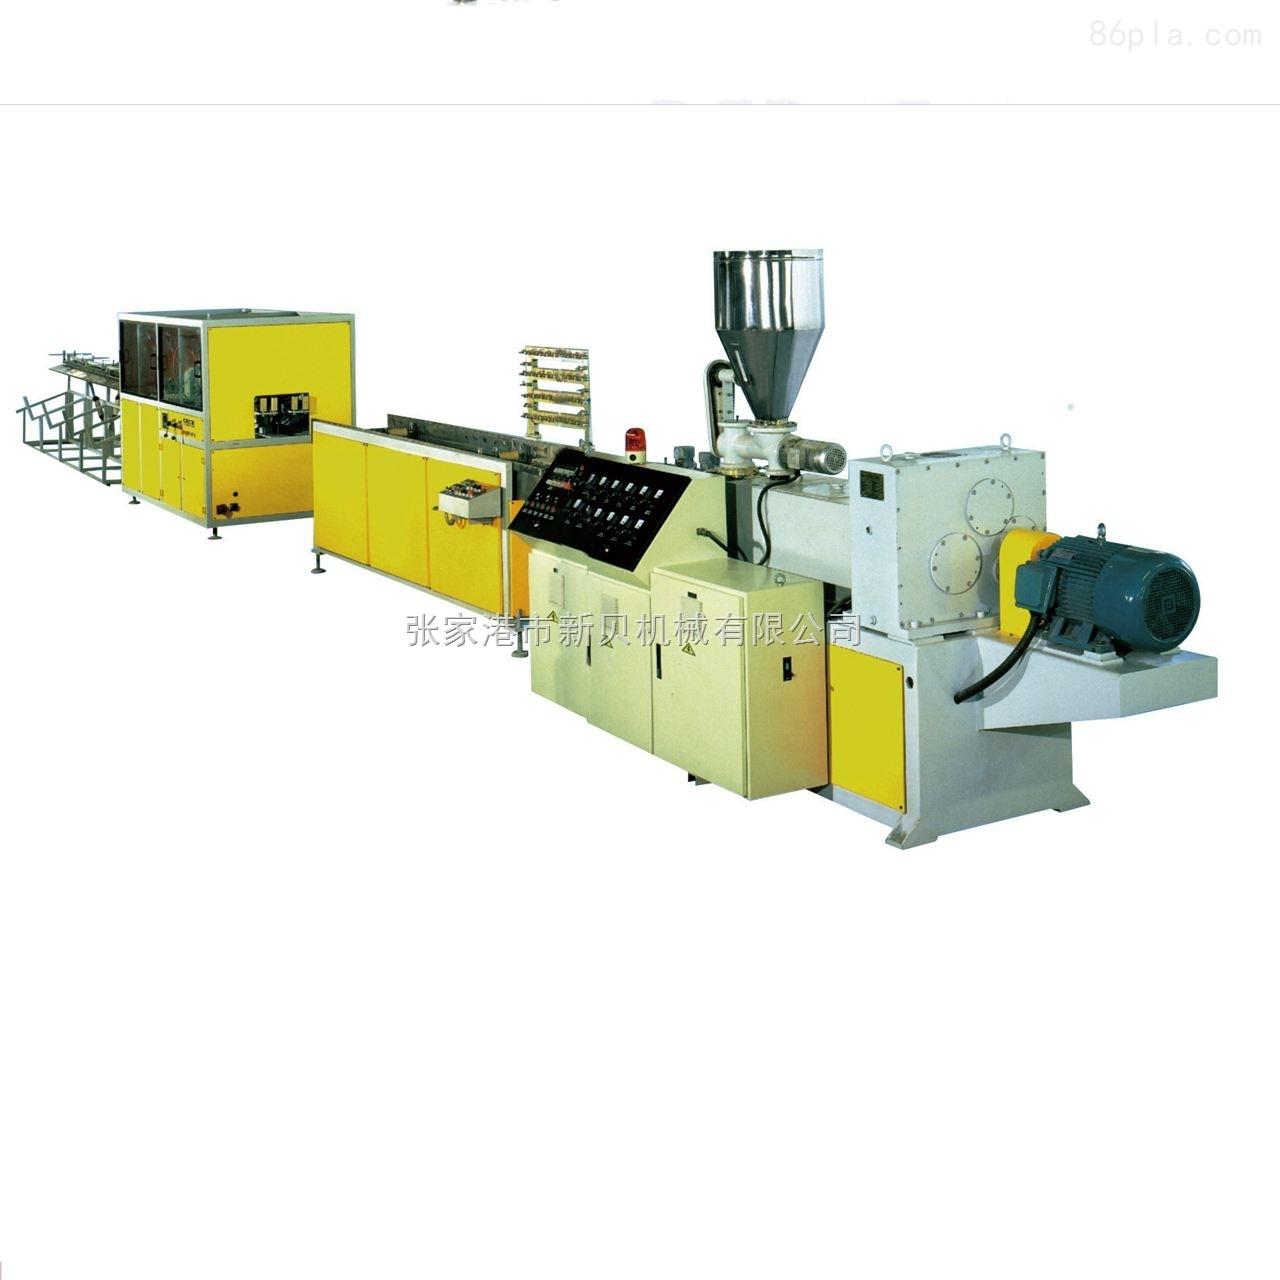 供應波紋管成型機-江蘇新貝機械